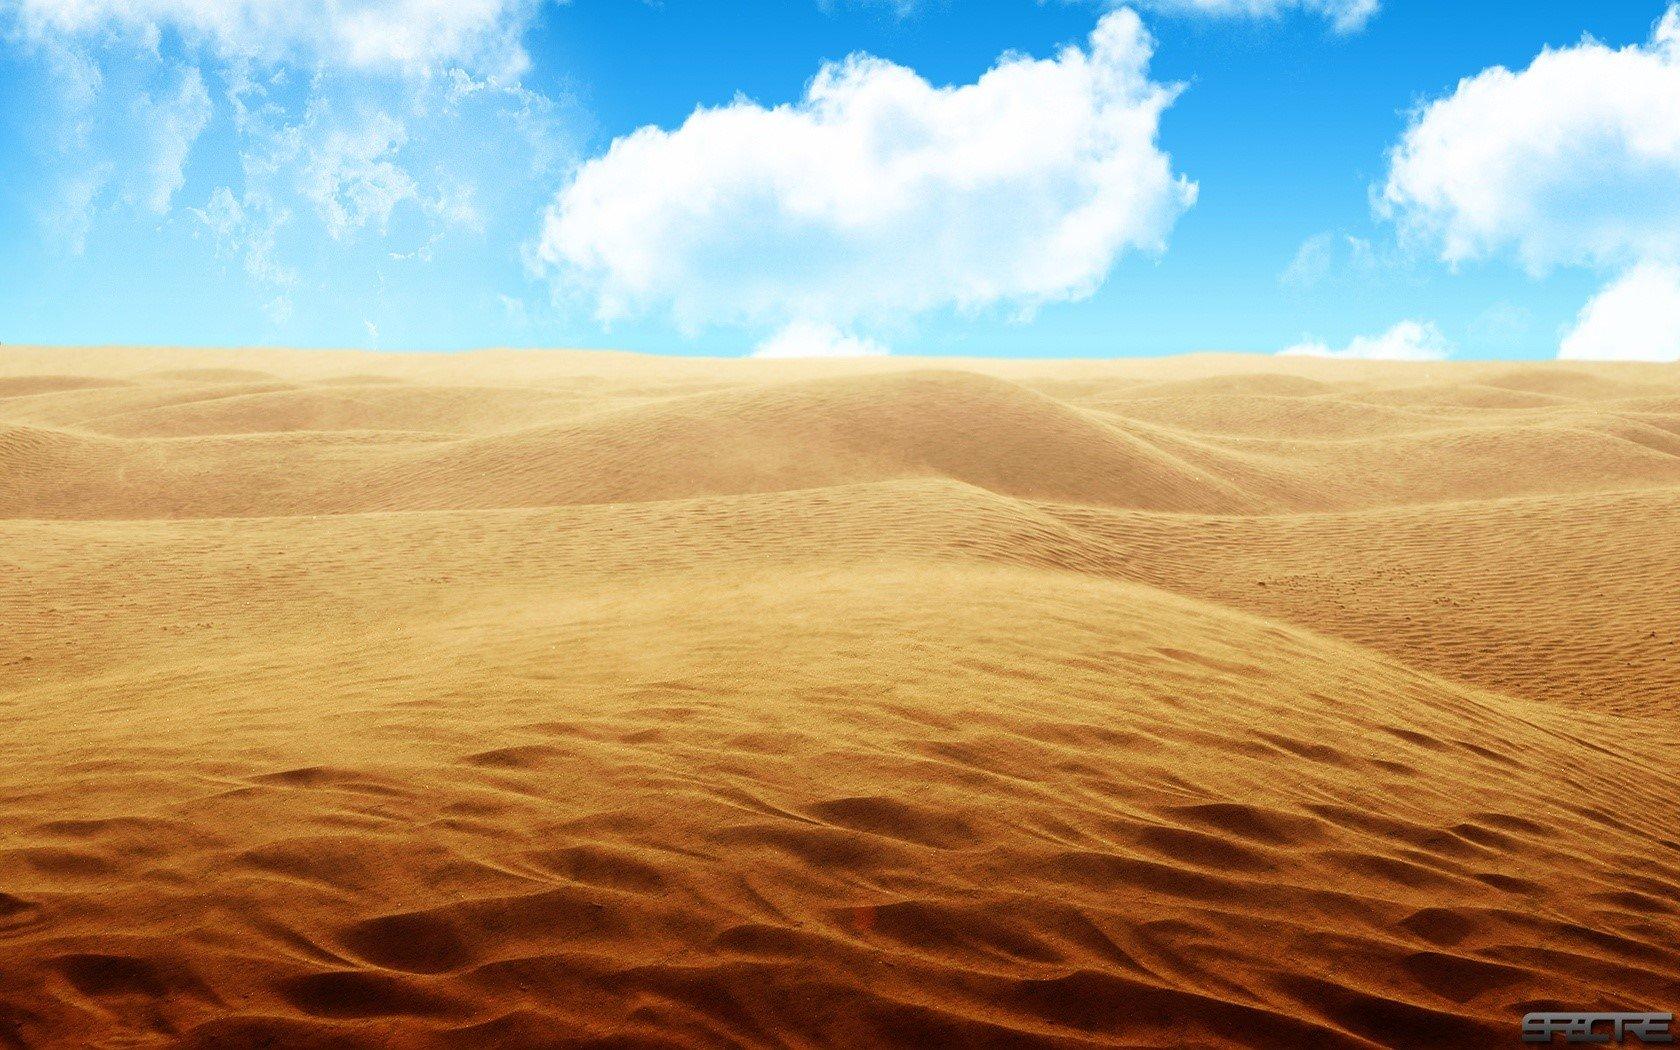 Fondos de pantalla Desierto